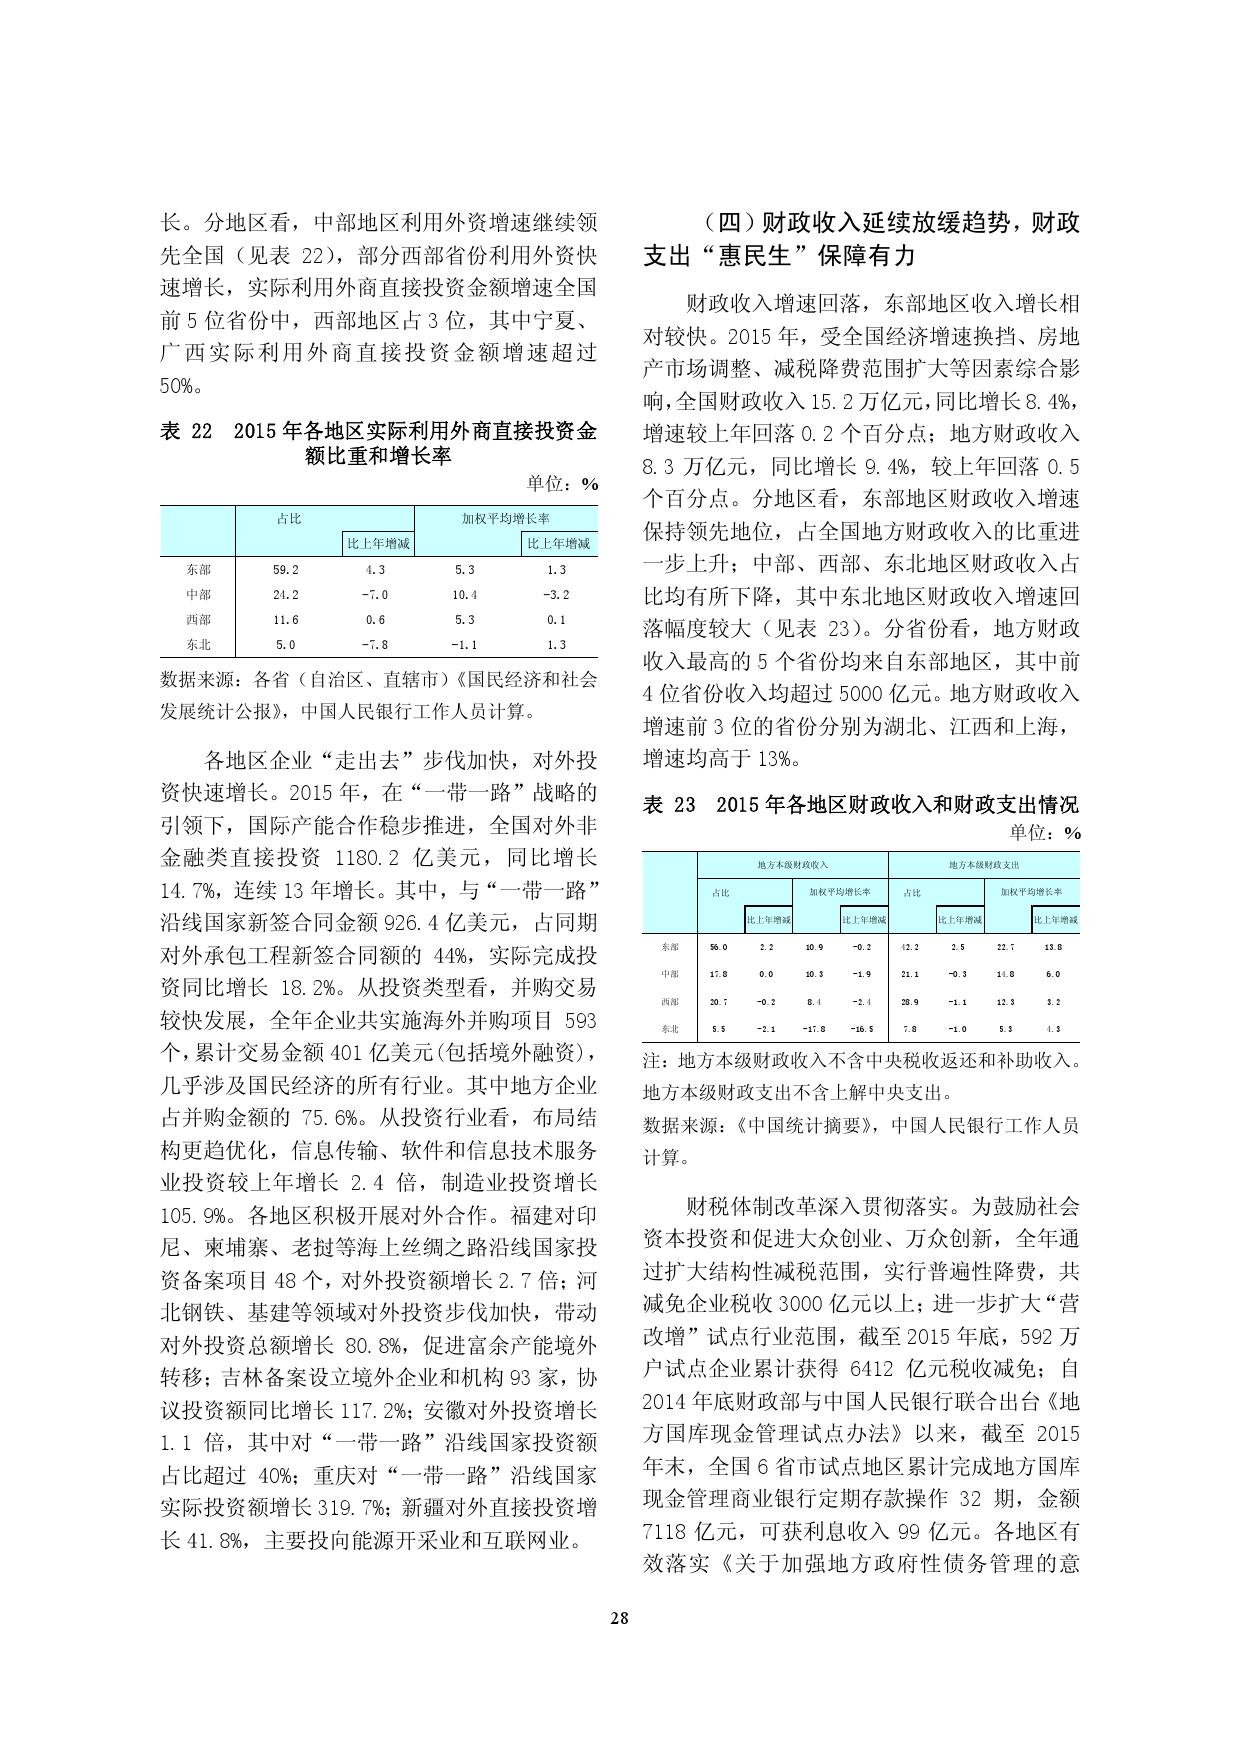 2015年中国区域金融运行报告_000031